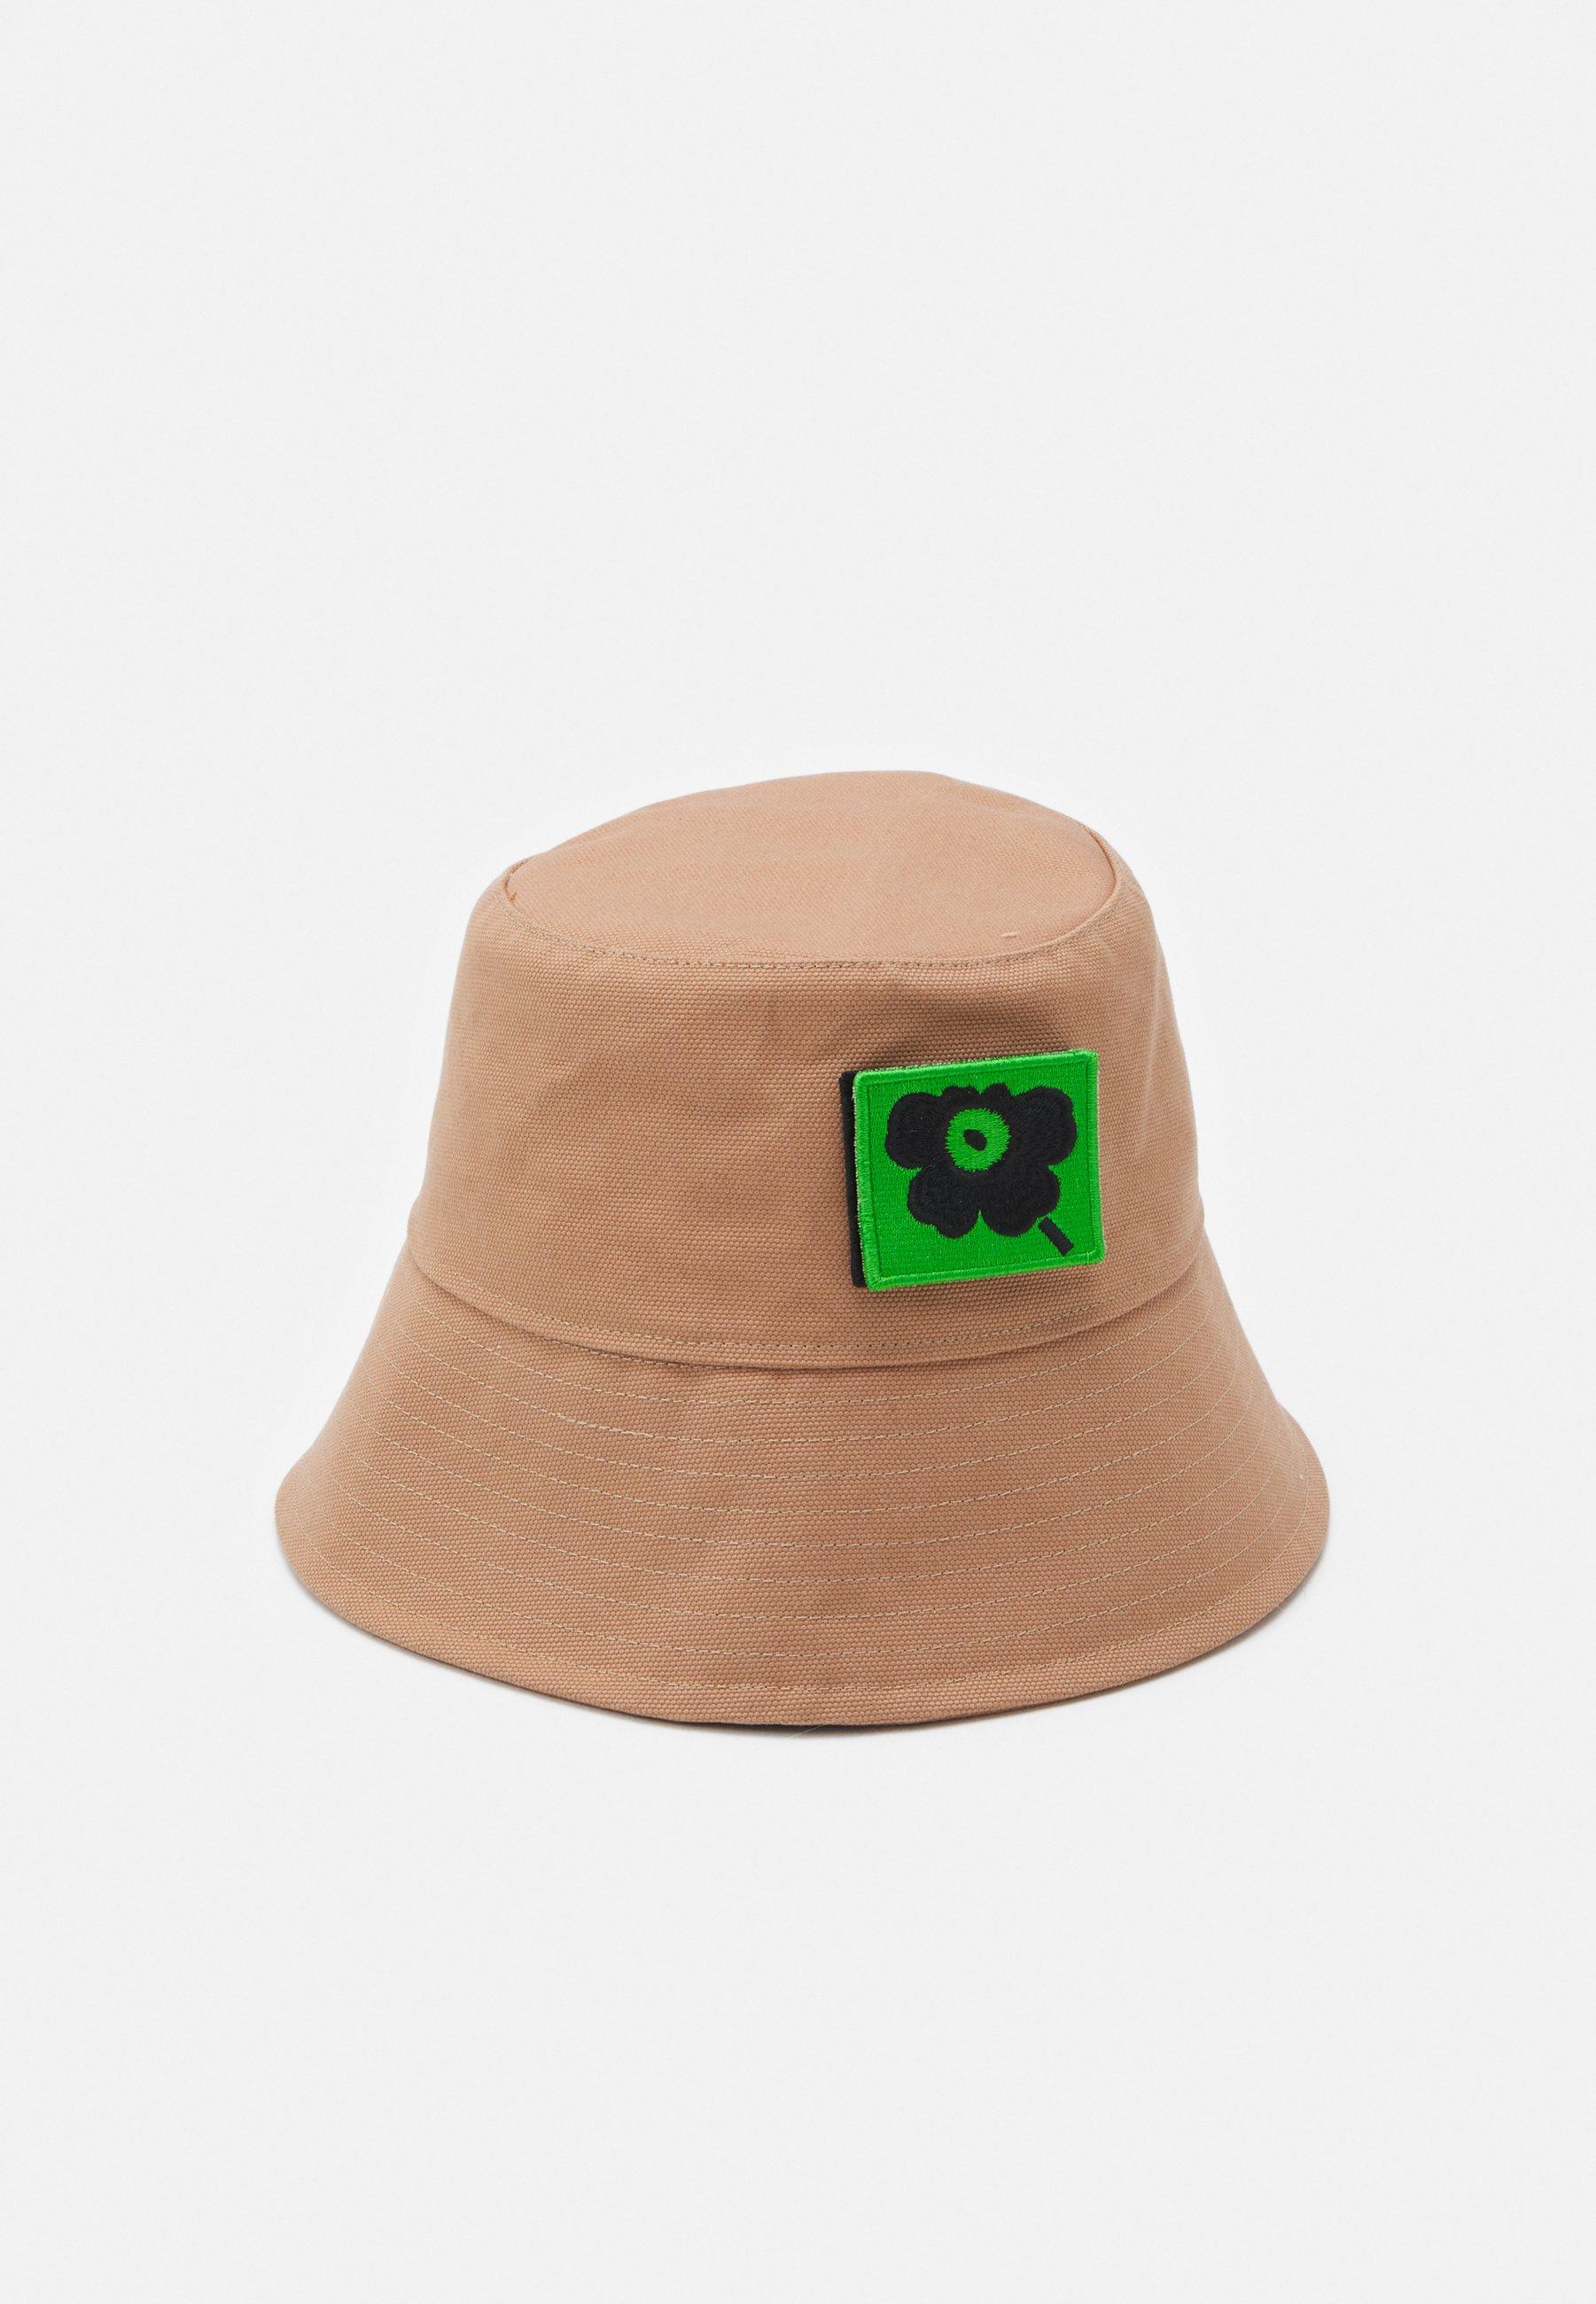 Donna KIOSKI NURMIKOLLE HAT - Cappello